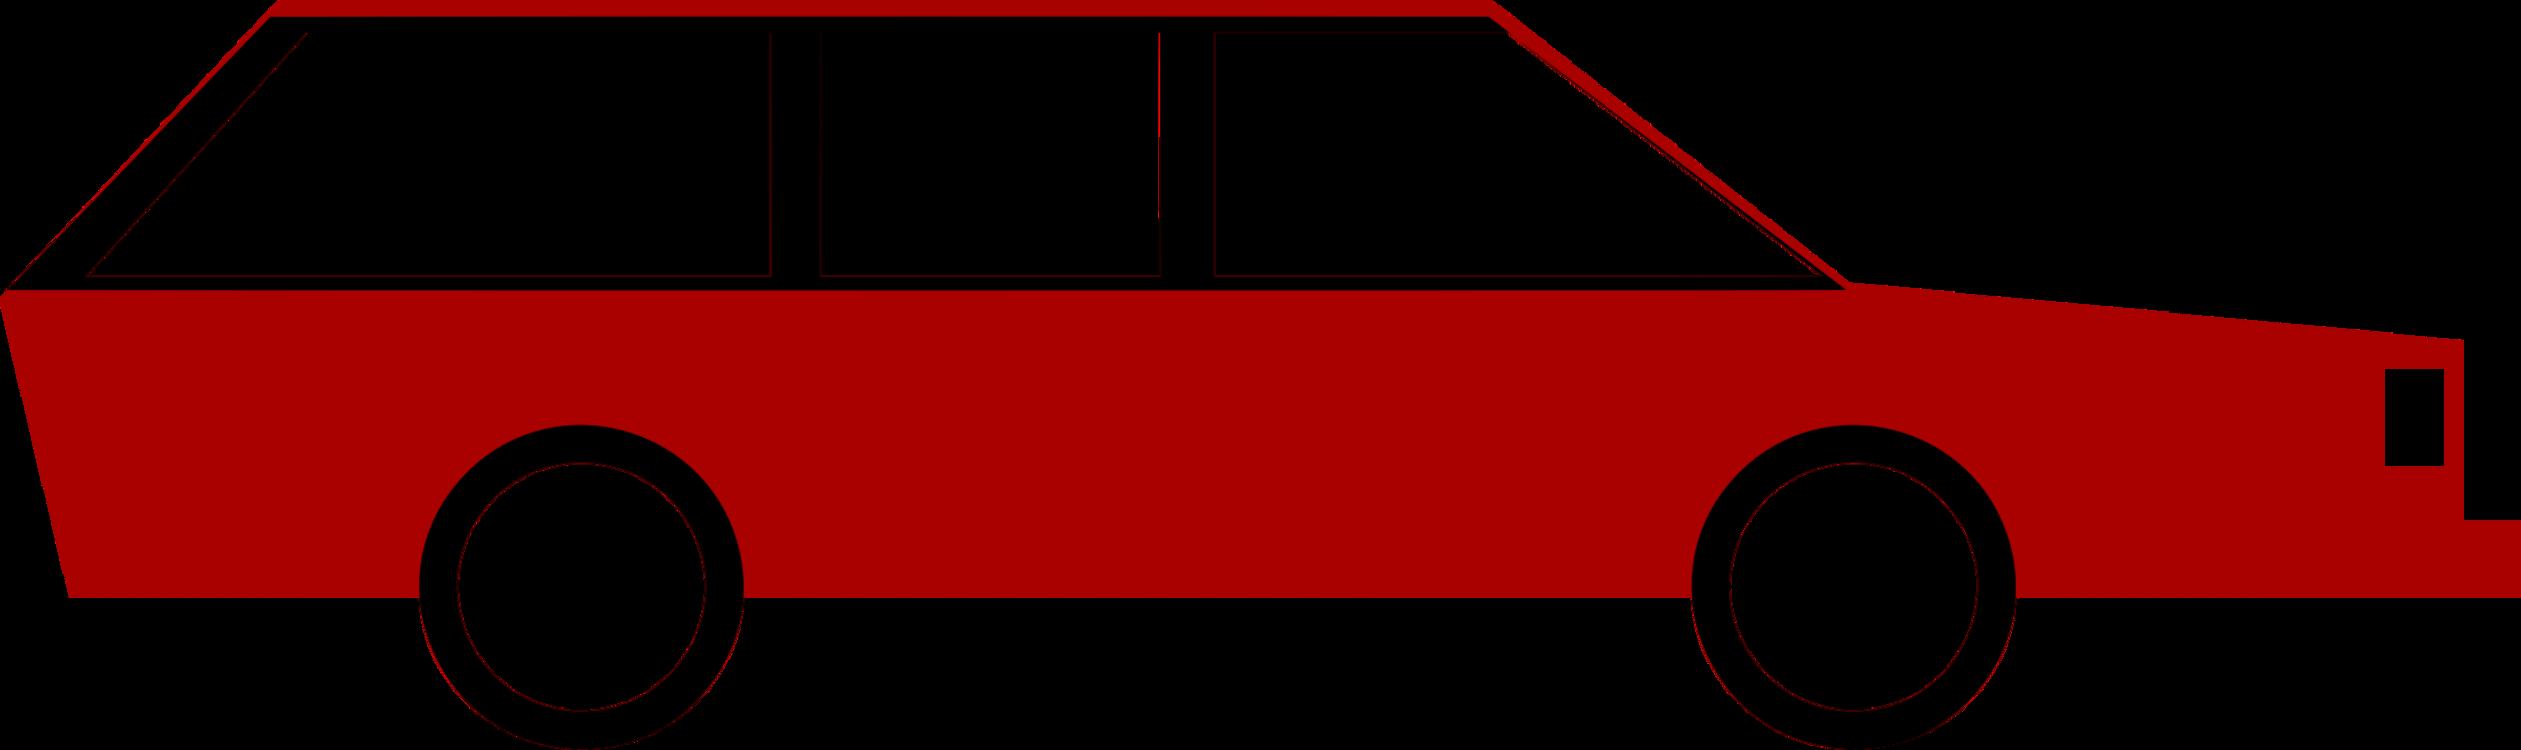 Angle,Area,Car